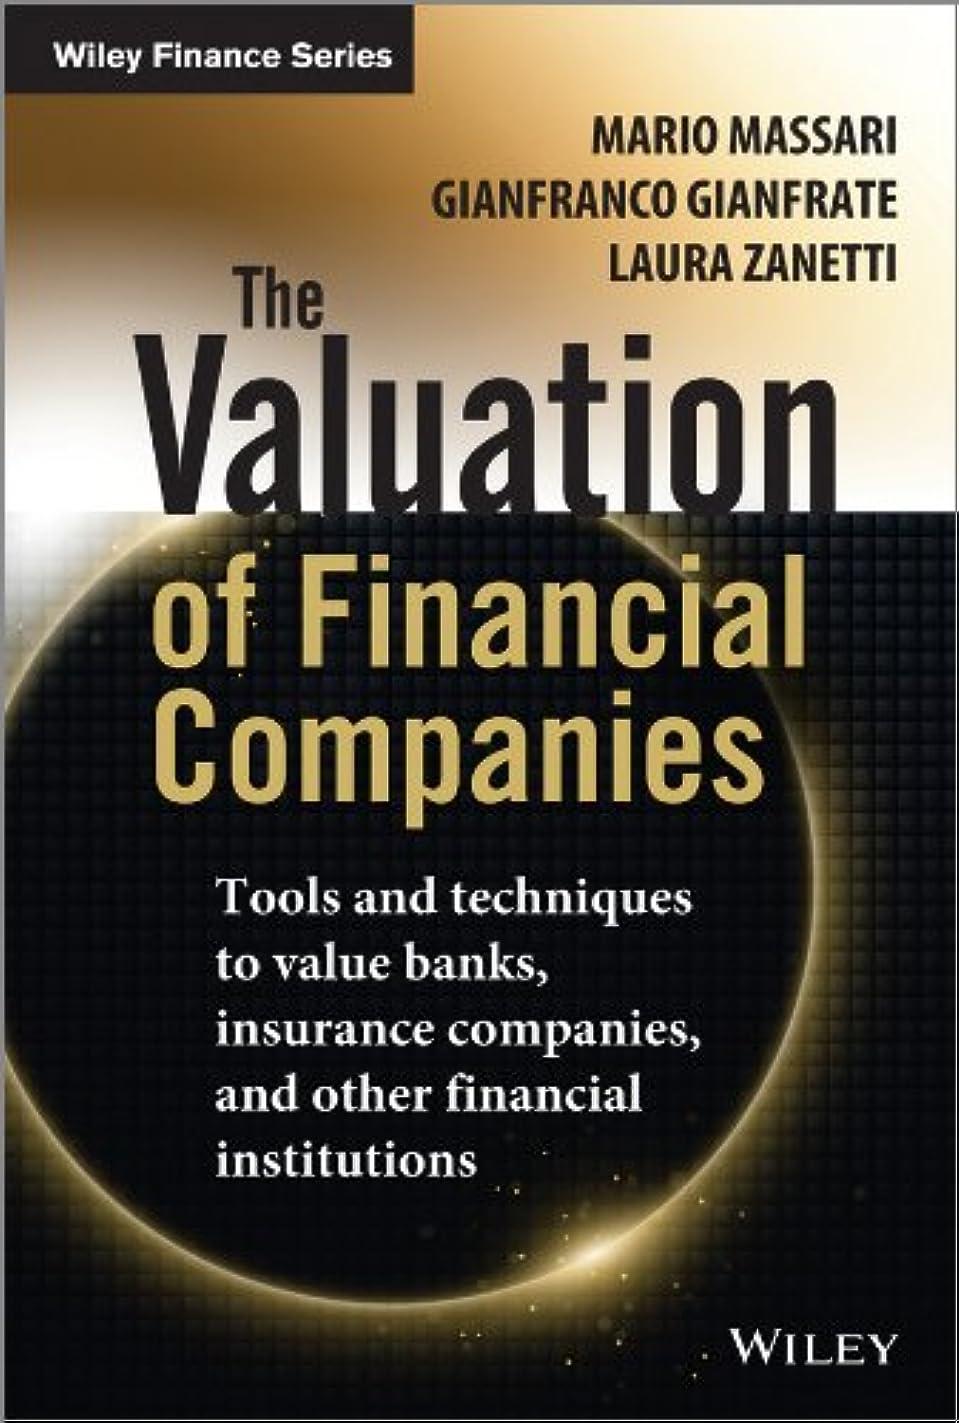 藤色うまコントロールThe Valuation of Financial Companies: Tools and Techniques to Measure the Value of Banks, Insurance Companies and Other Financial Institutions (The Wiley Finance Series) (English Edition)